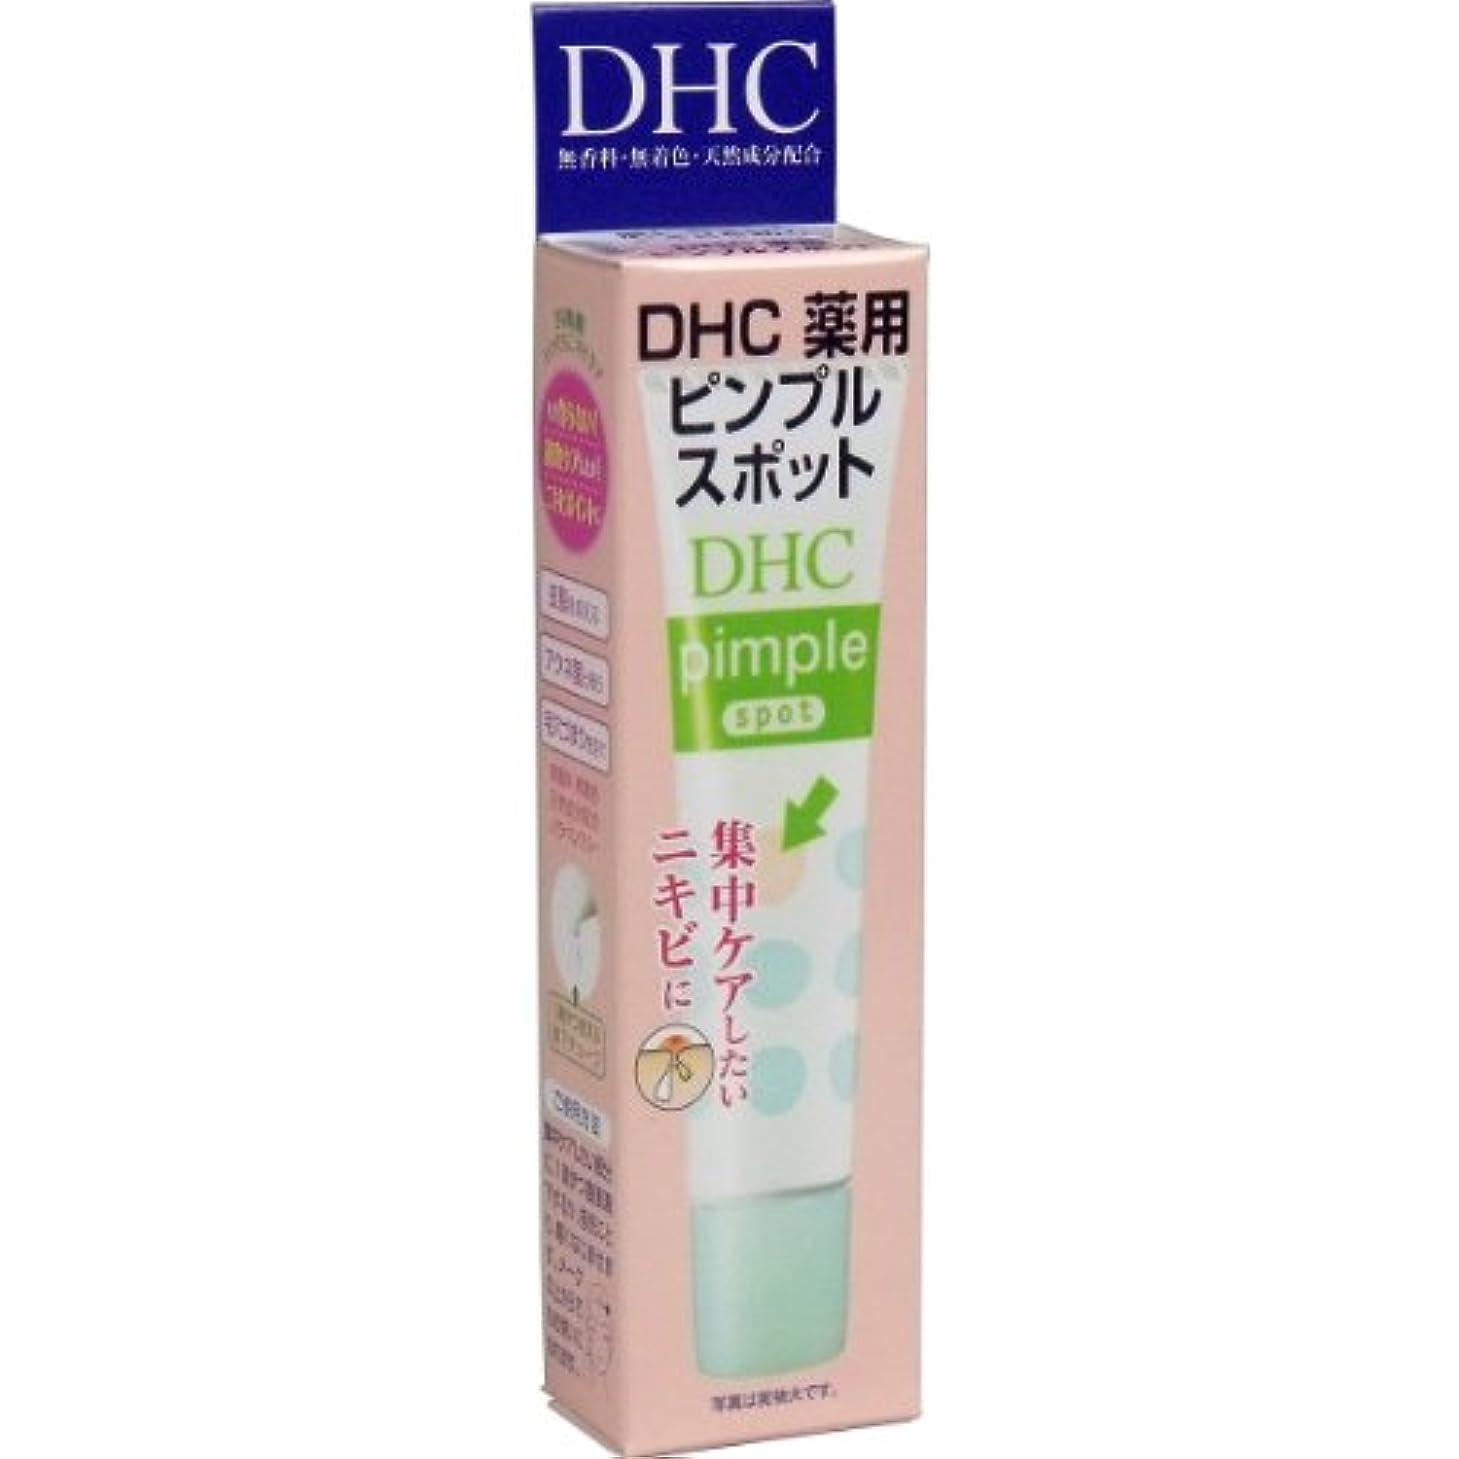 DHC 薬用ピンプルスポット15ml